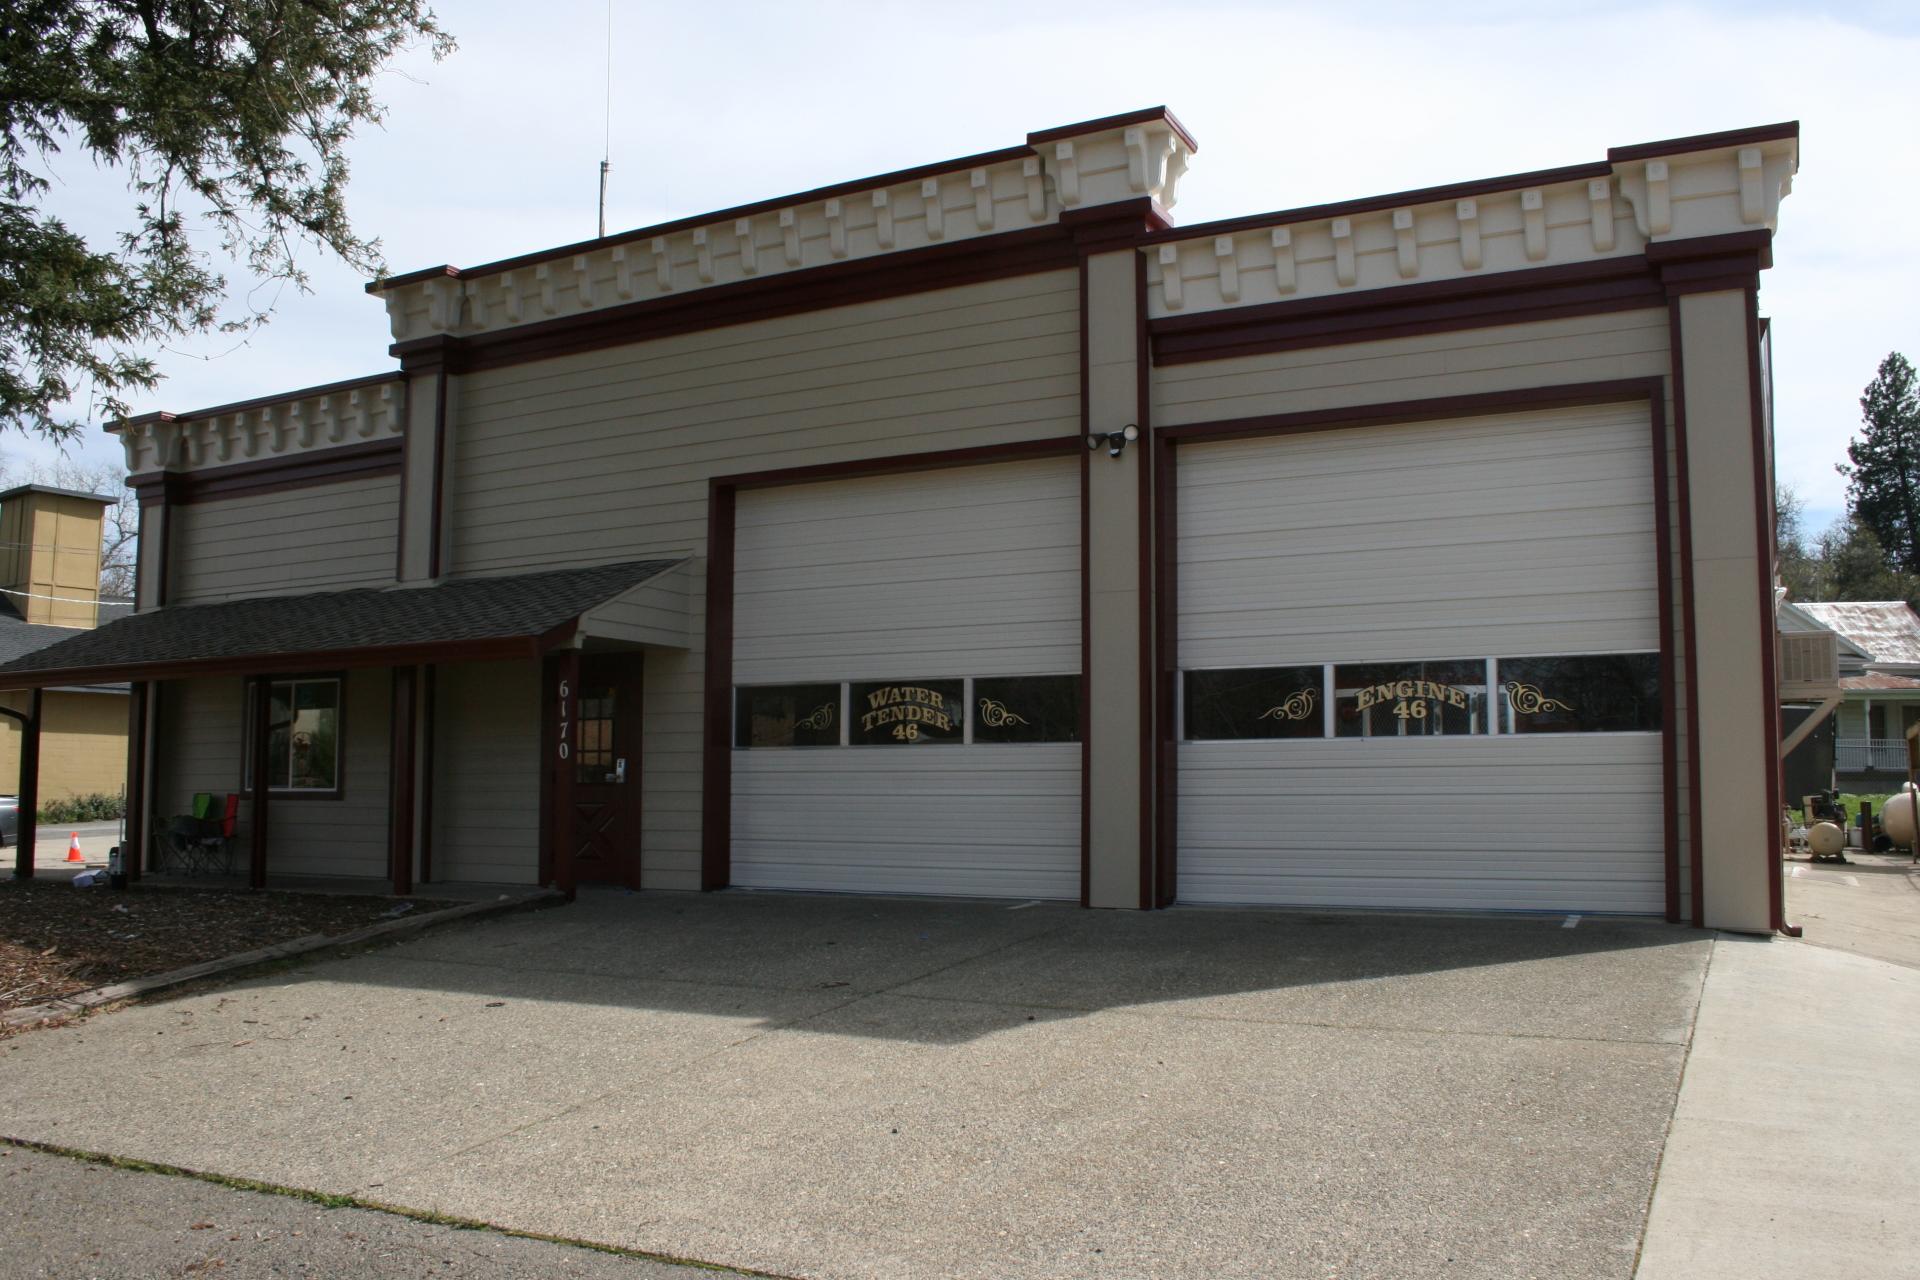 Eldorado Fire Station